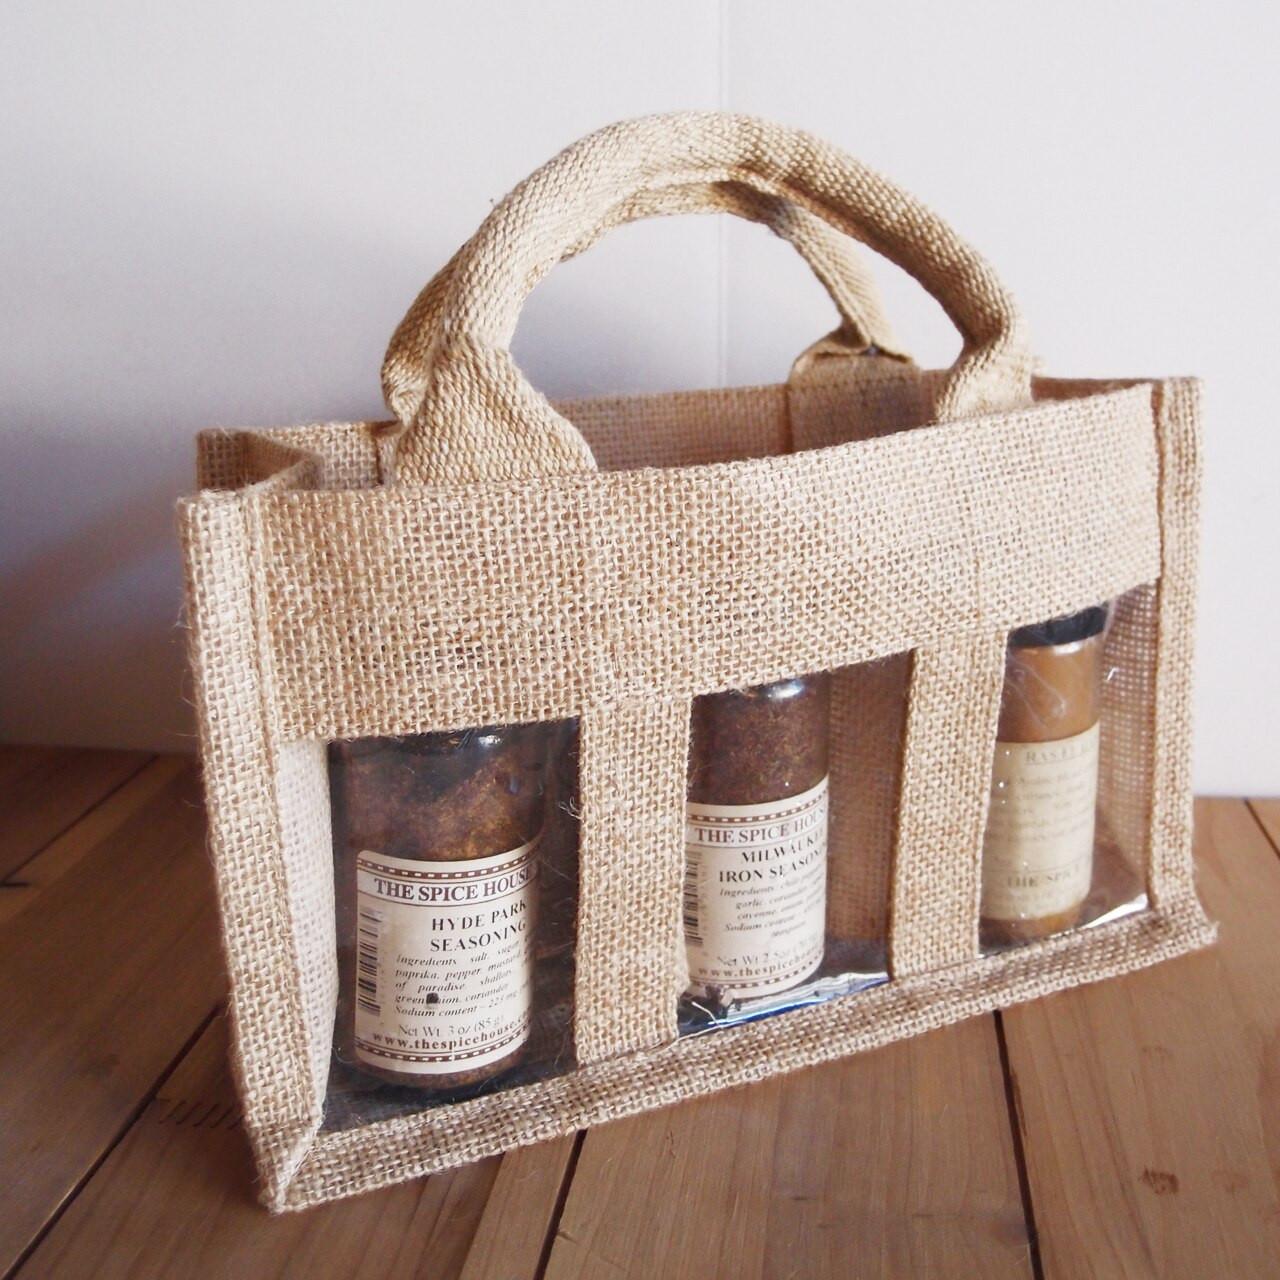 3-Jar Burlap Gift Set Tote Bag, Wholesale Tote Bags | Packaging Decor